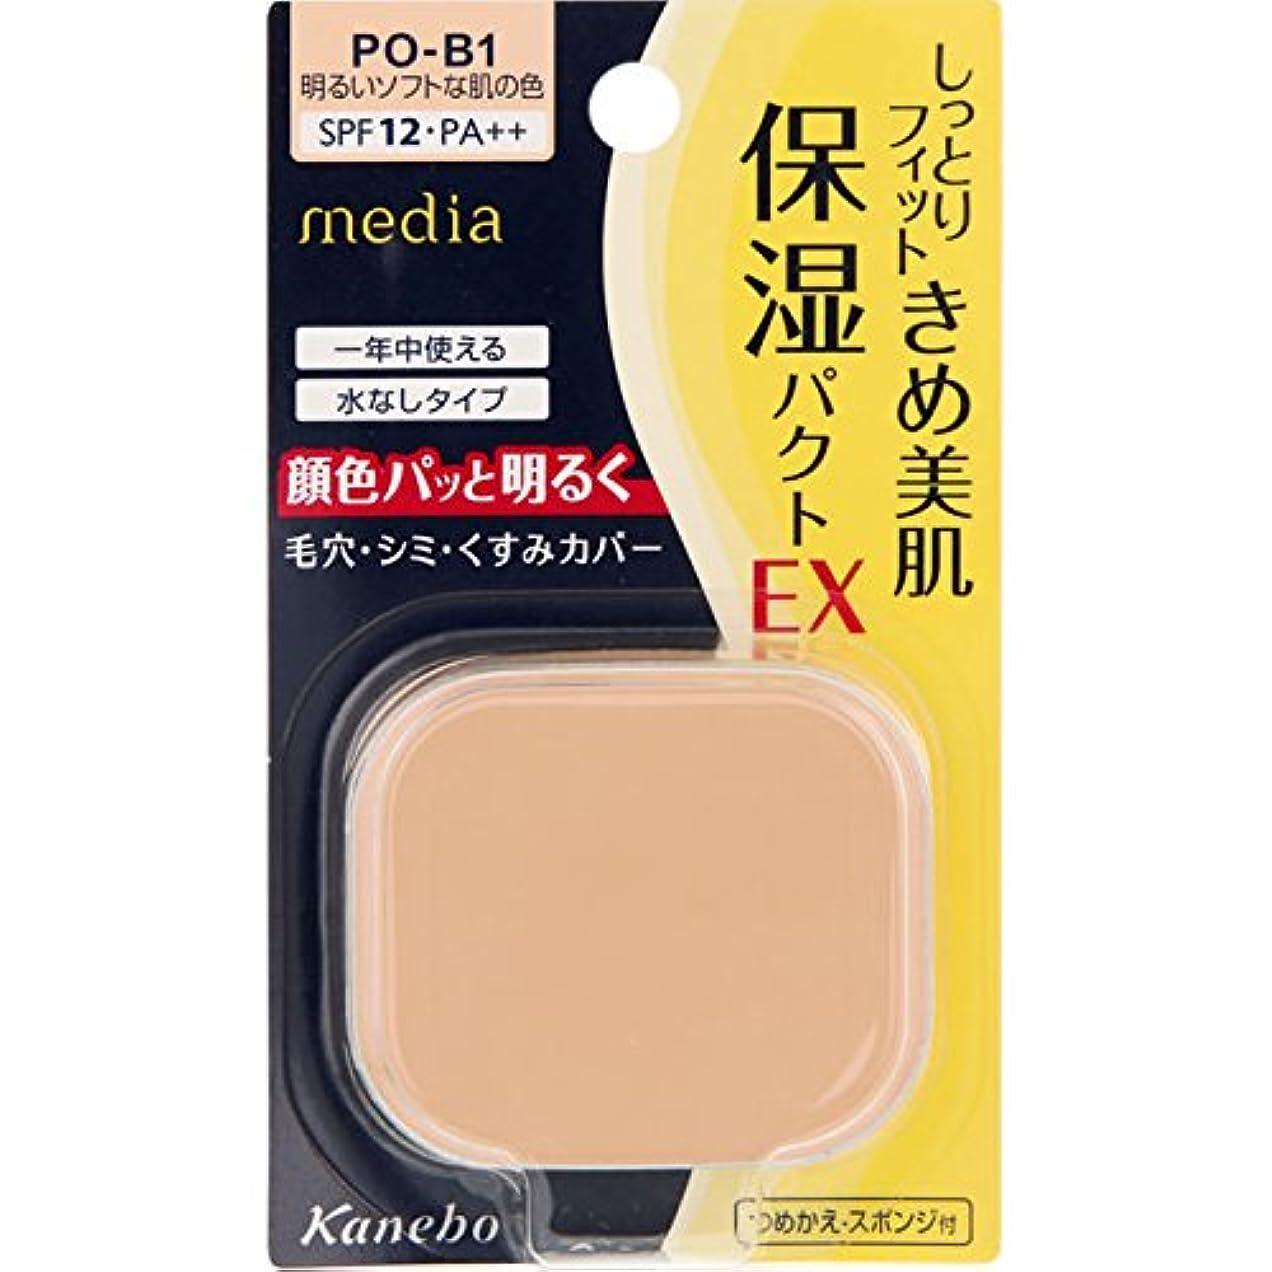 パノラマ裁定辞任するカネボウ メディア モイストフィットパクトEX<つめかえ> PO-B1(11g)